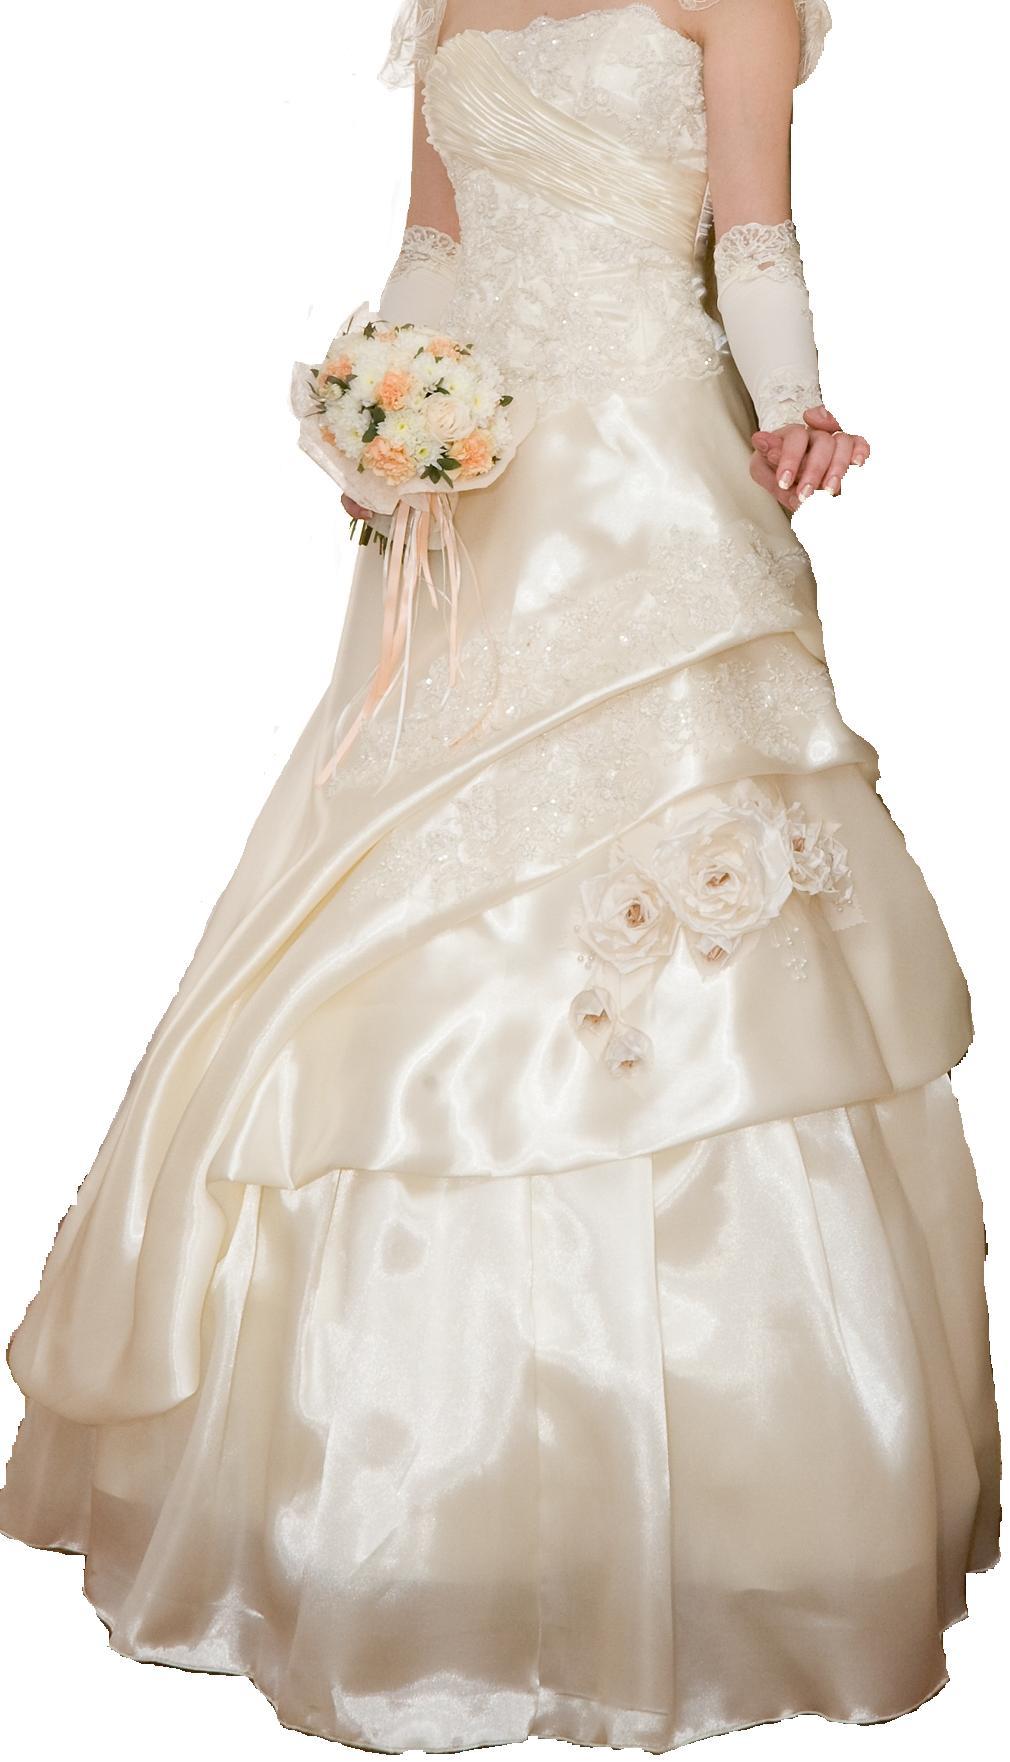 Химчистка свадебного платья вологда